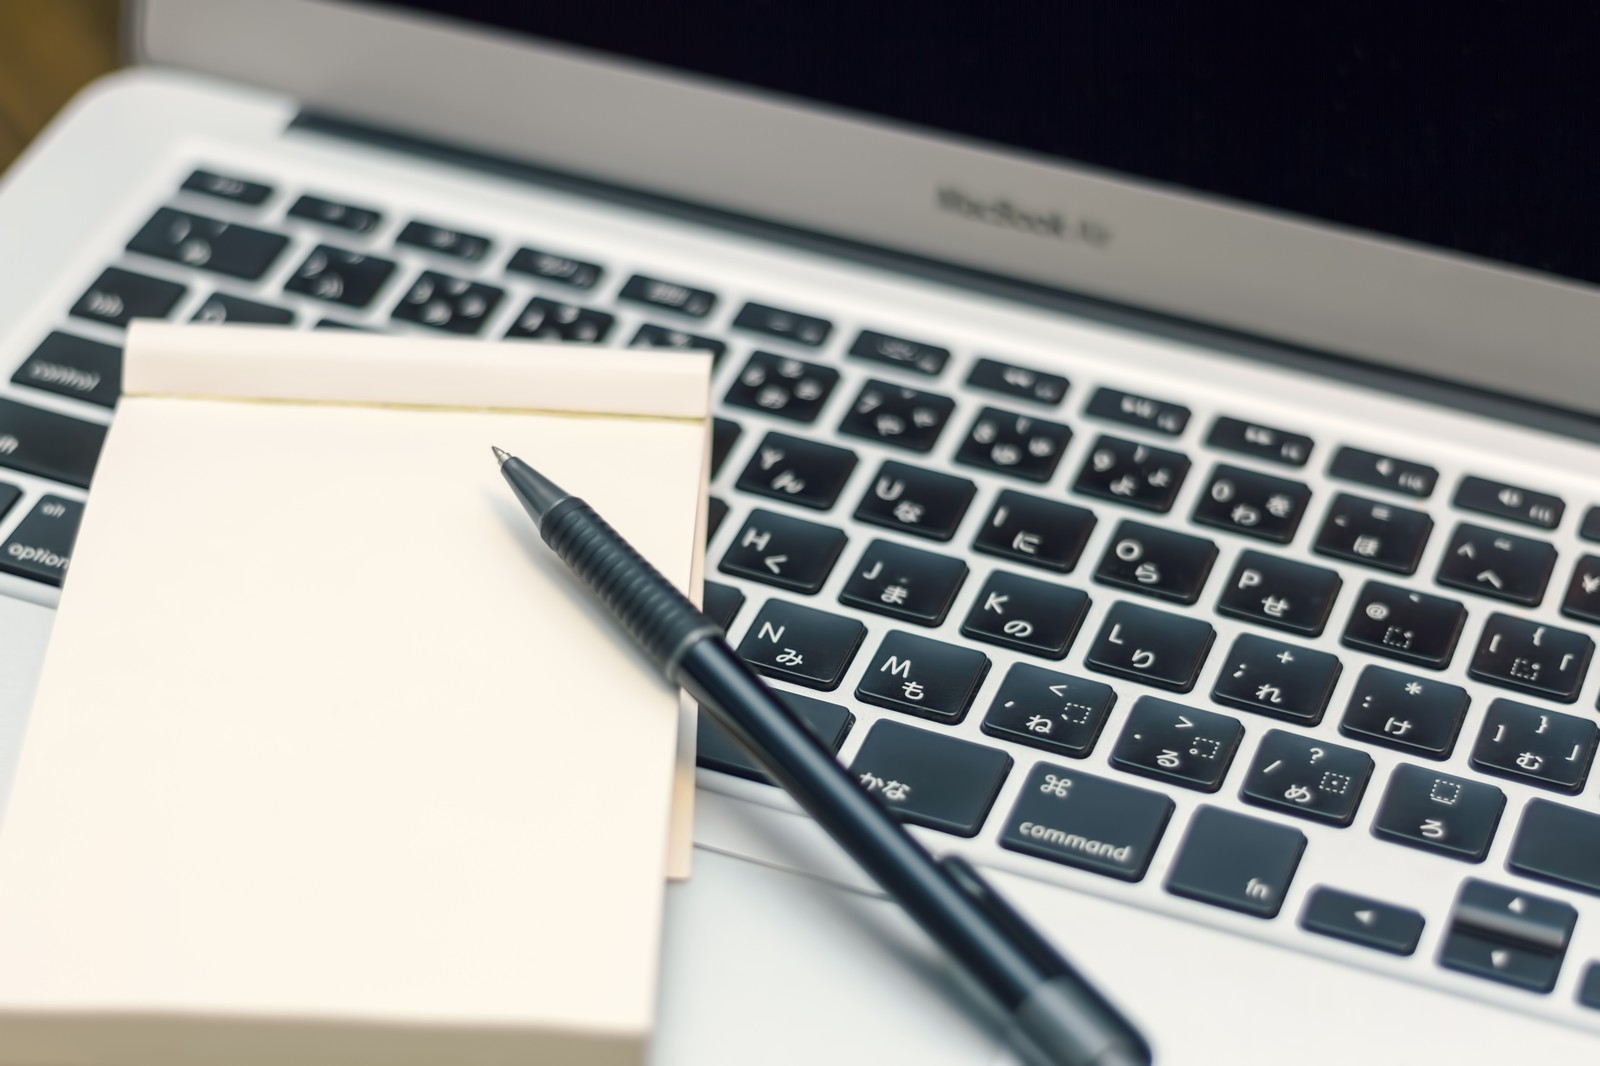 ホームページ改善のための5ステップ。分析の手順~改善策の優先順位の付け方まで解説